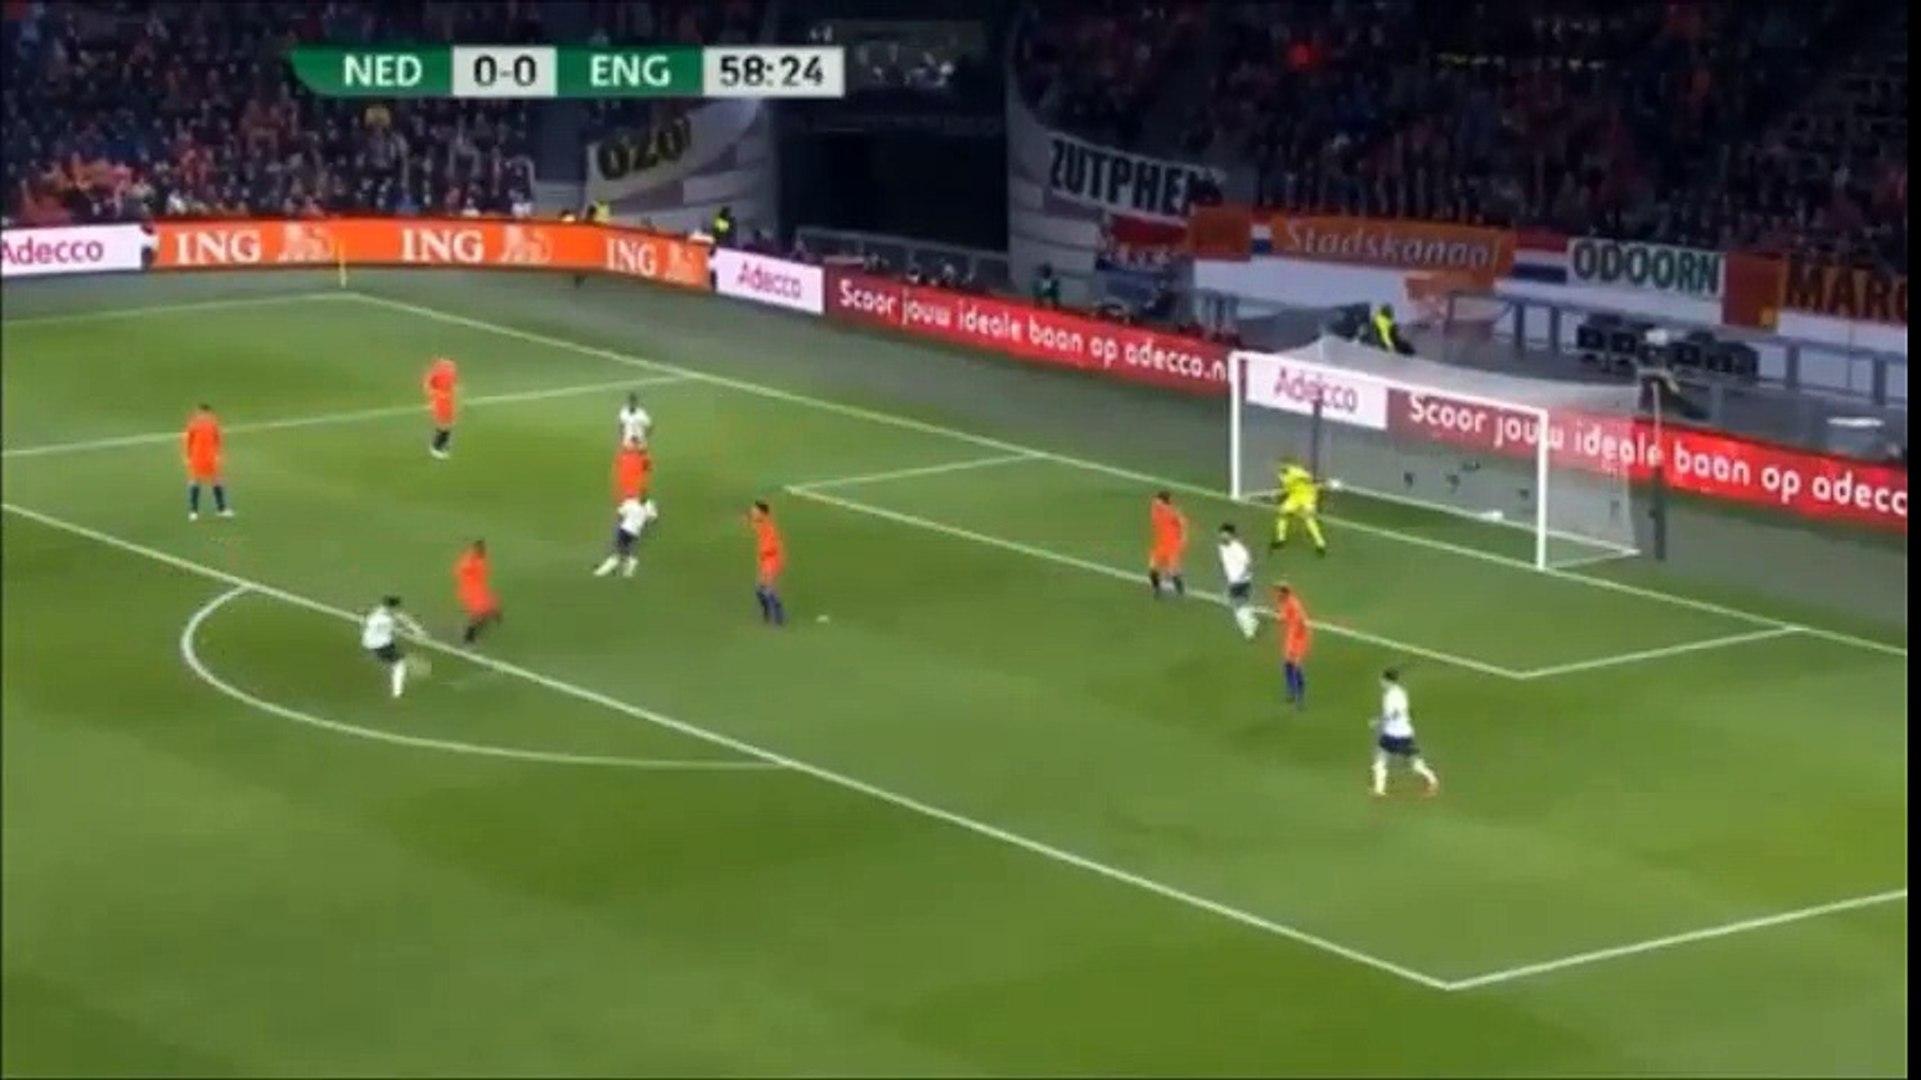 23/3/2018 اهداف مباراة هولندا وانجلترا 0-1 مباراة ودية